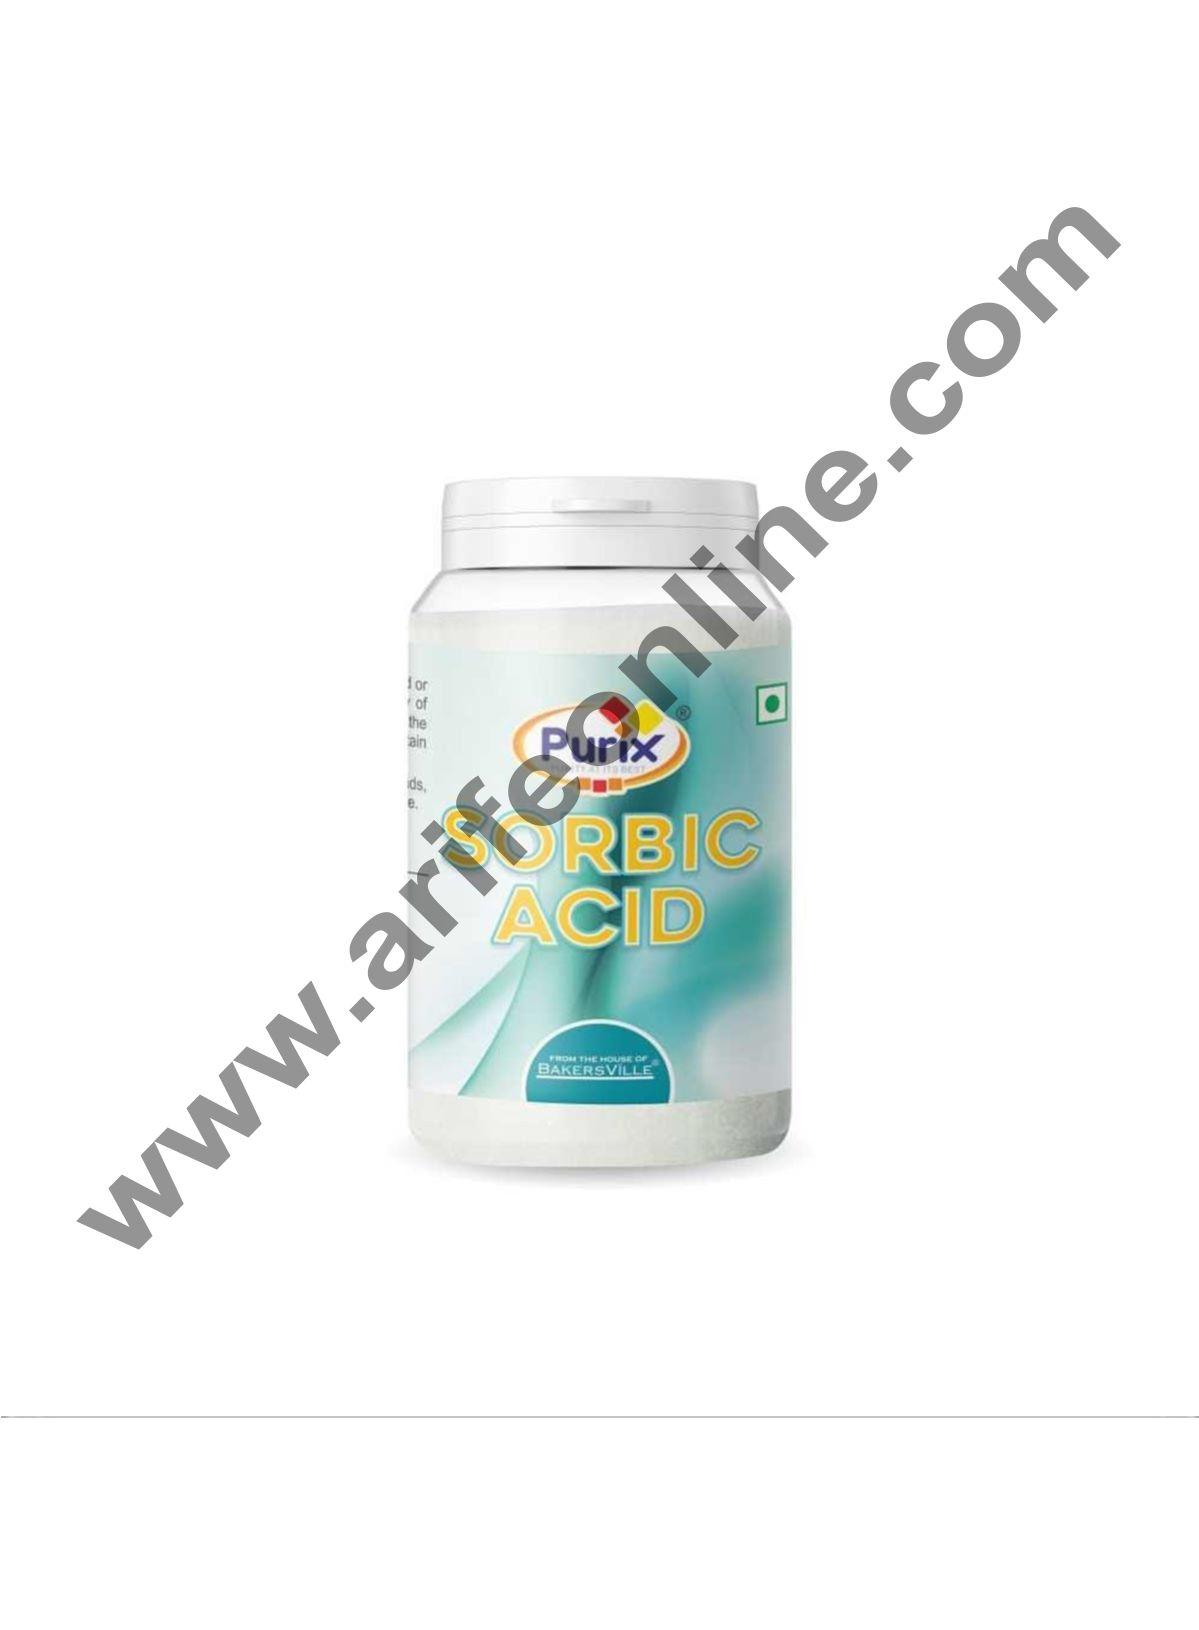 Purix™ Sorbic Acid, 75gm